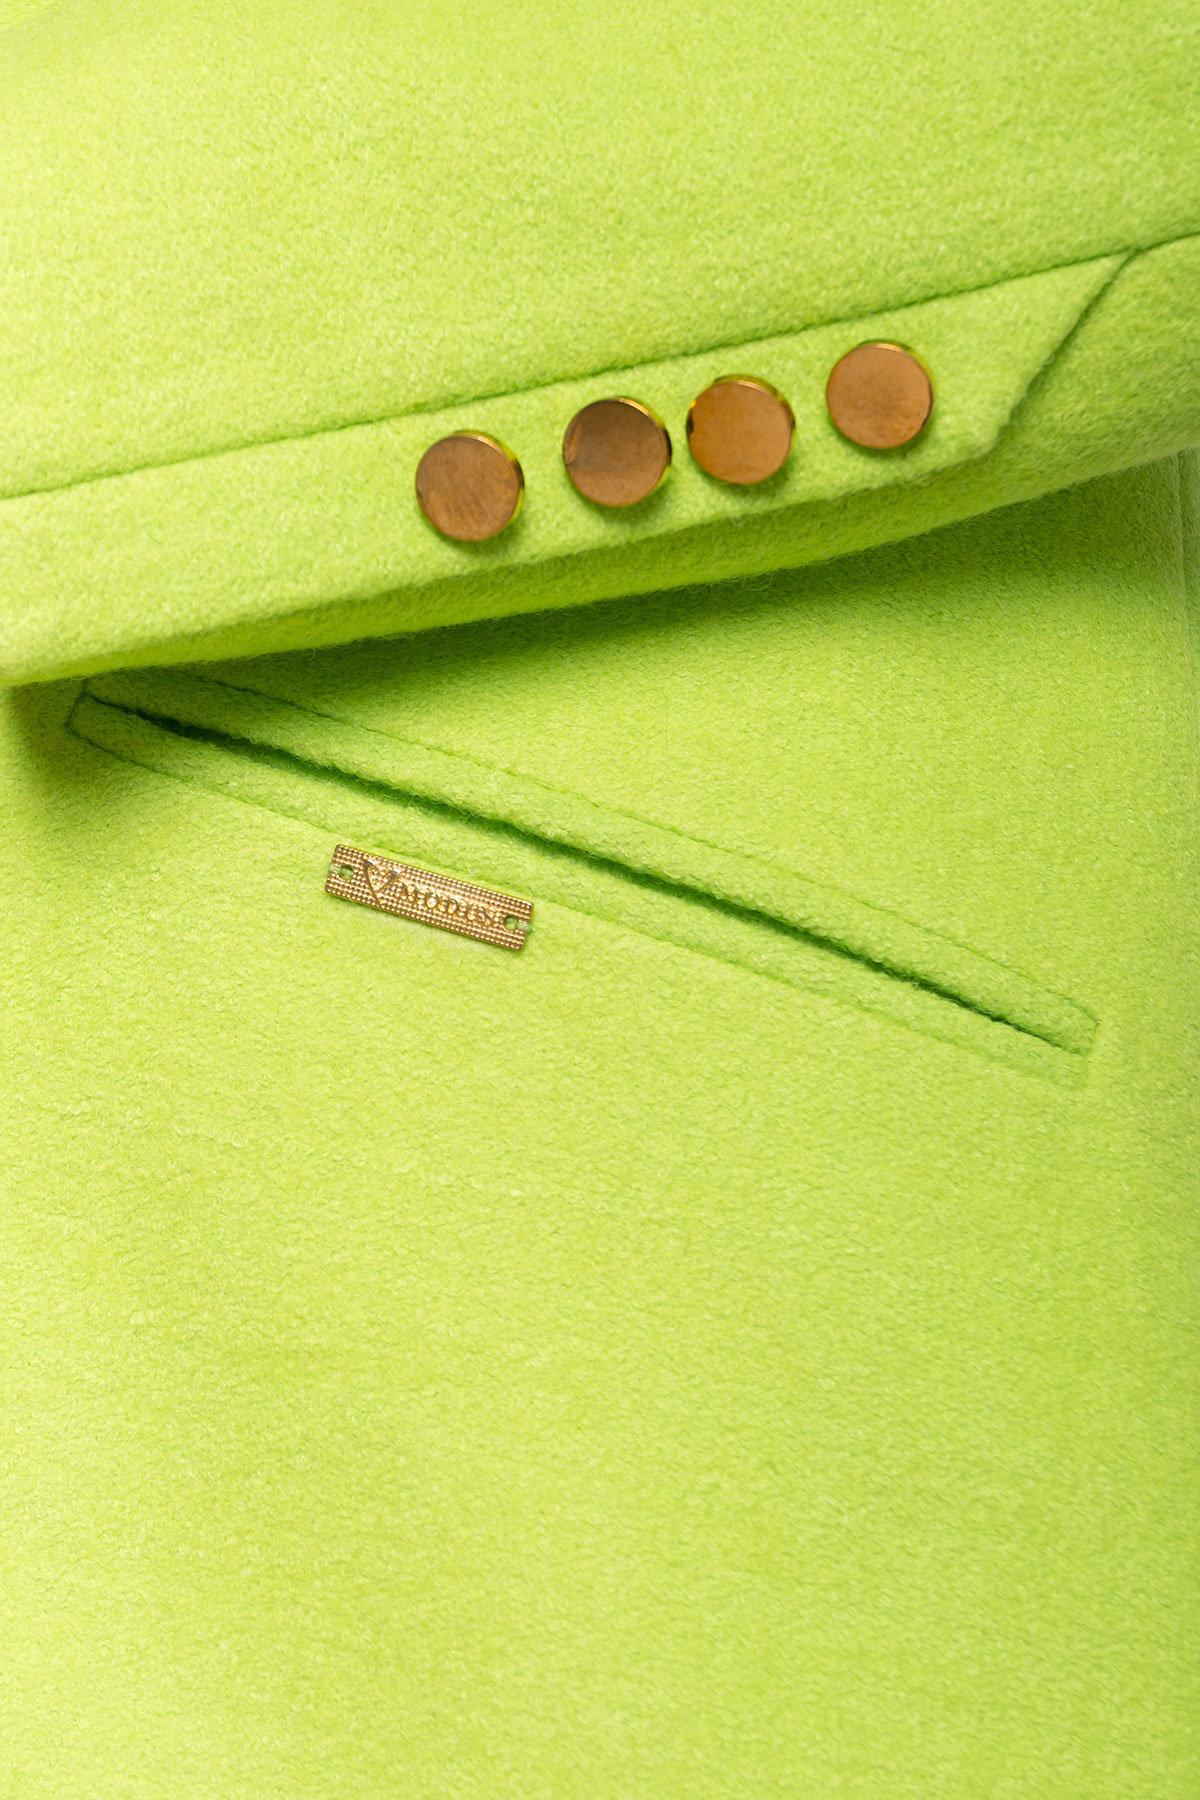 Пальто Кайра 1619 АРТ. 9290 Цвет: Салат - фото 3, интернет магазин tm-modus.ru